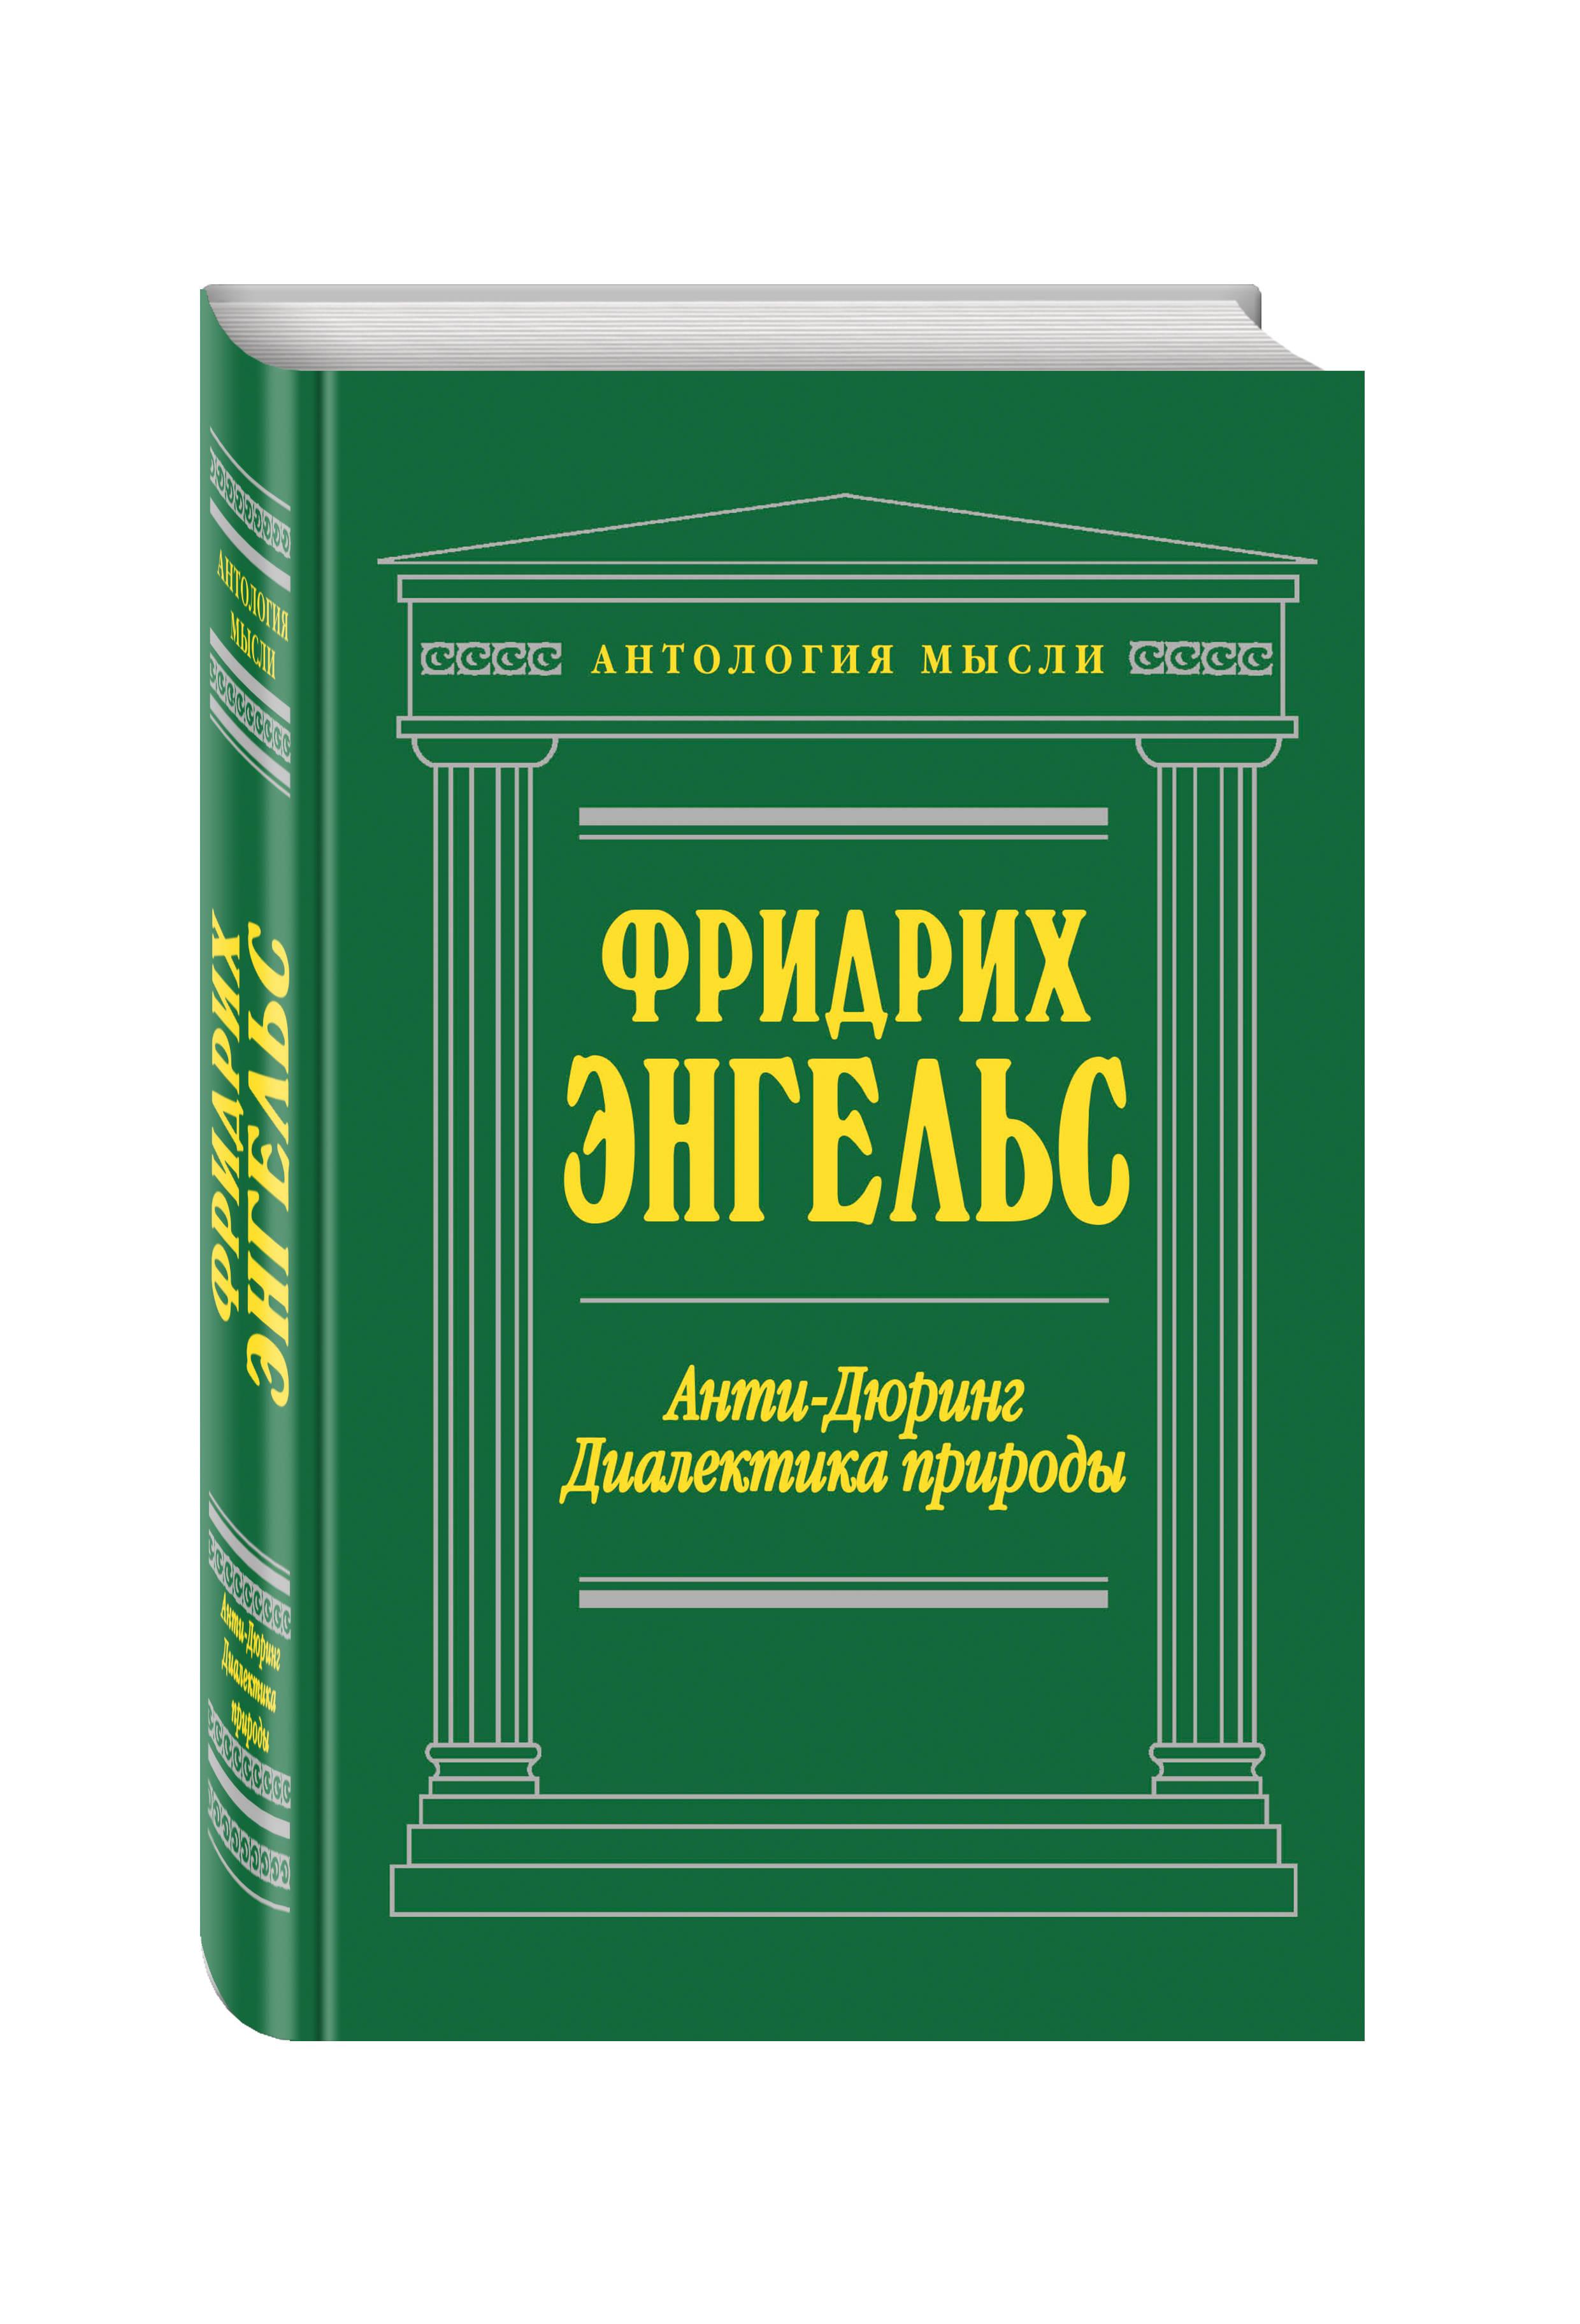 Энгельс Ф. Анти-Дюринг. Диалектика природы ISBN: 978-5-699-92743-2 е дюринг ценность жизни